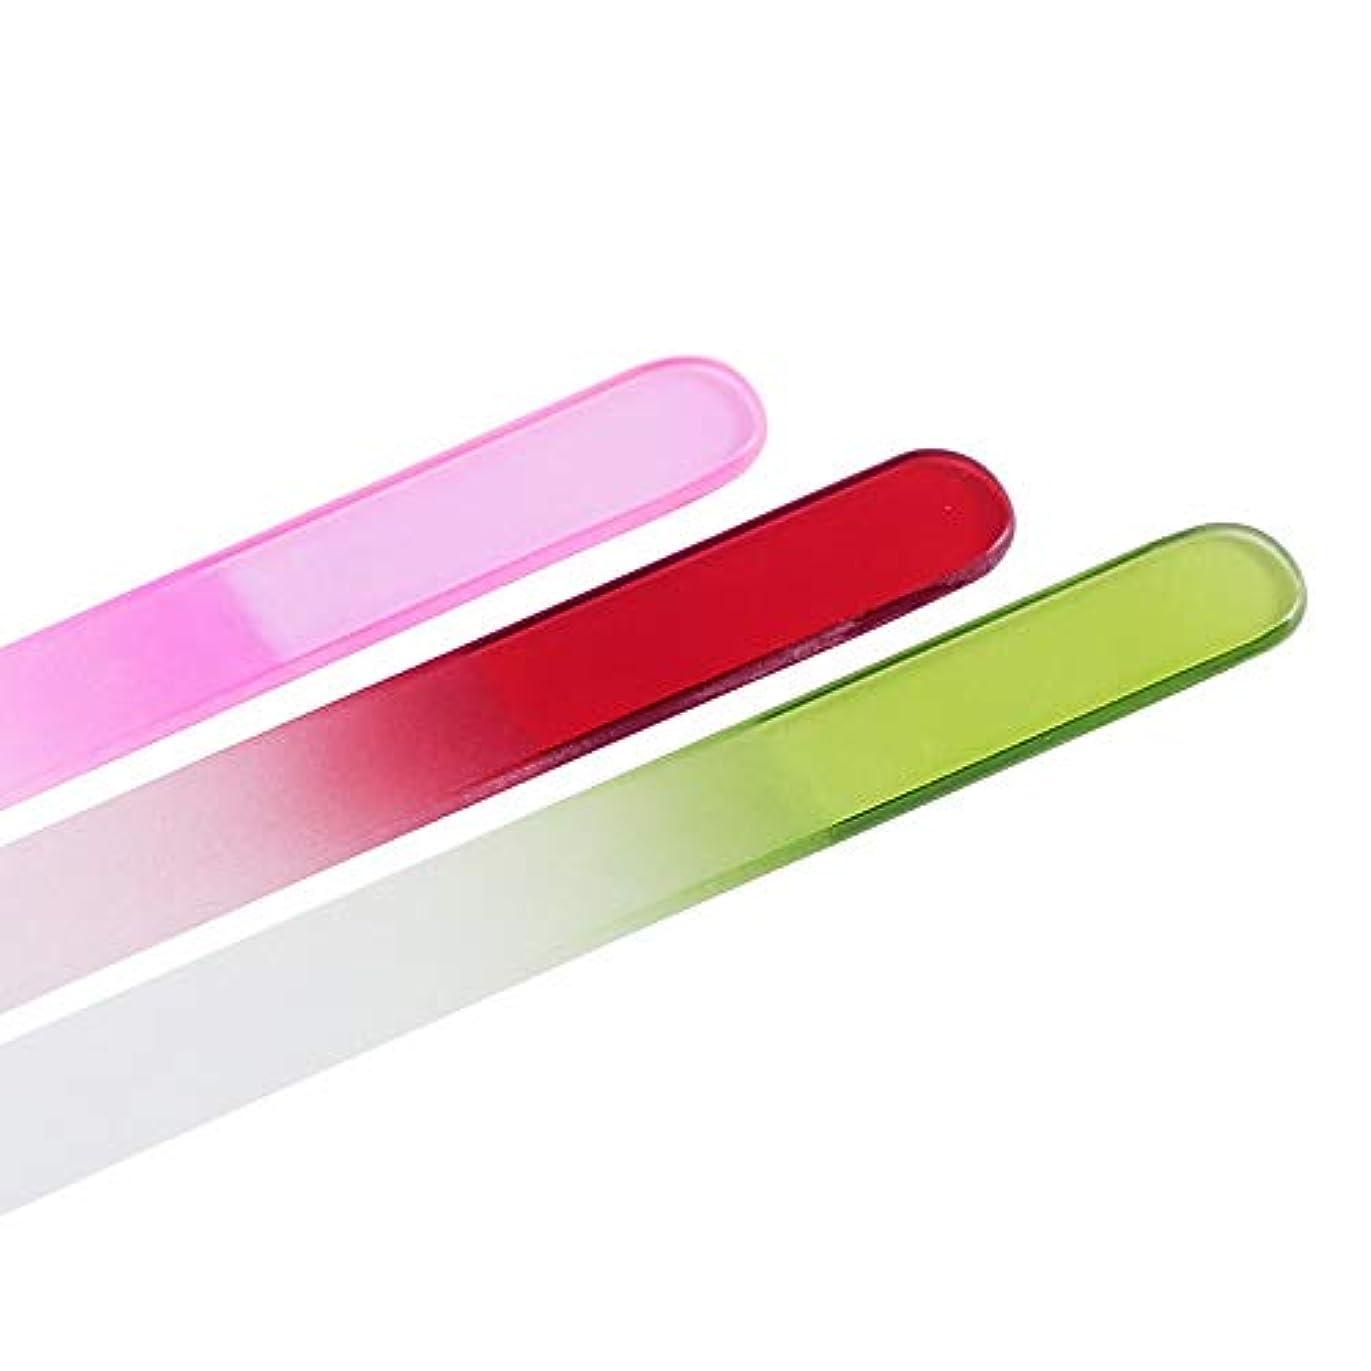 ショートカットベイビーアコー爪やすり 爪磨き ガラス製 つめやすり甘皮 ネイルケア 滑らかな仕上がり 爪ヤスリ 両面タイプ 水洗い可 子ども 携帯用 ネイルツール Moomai